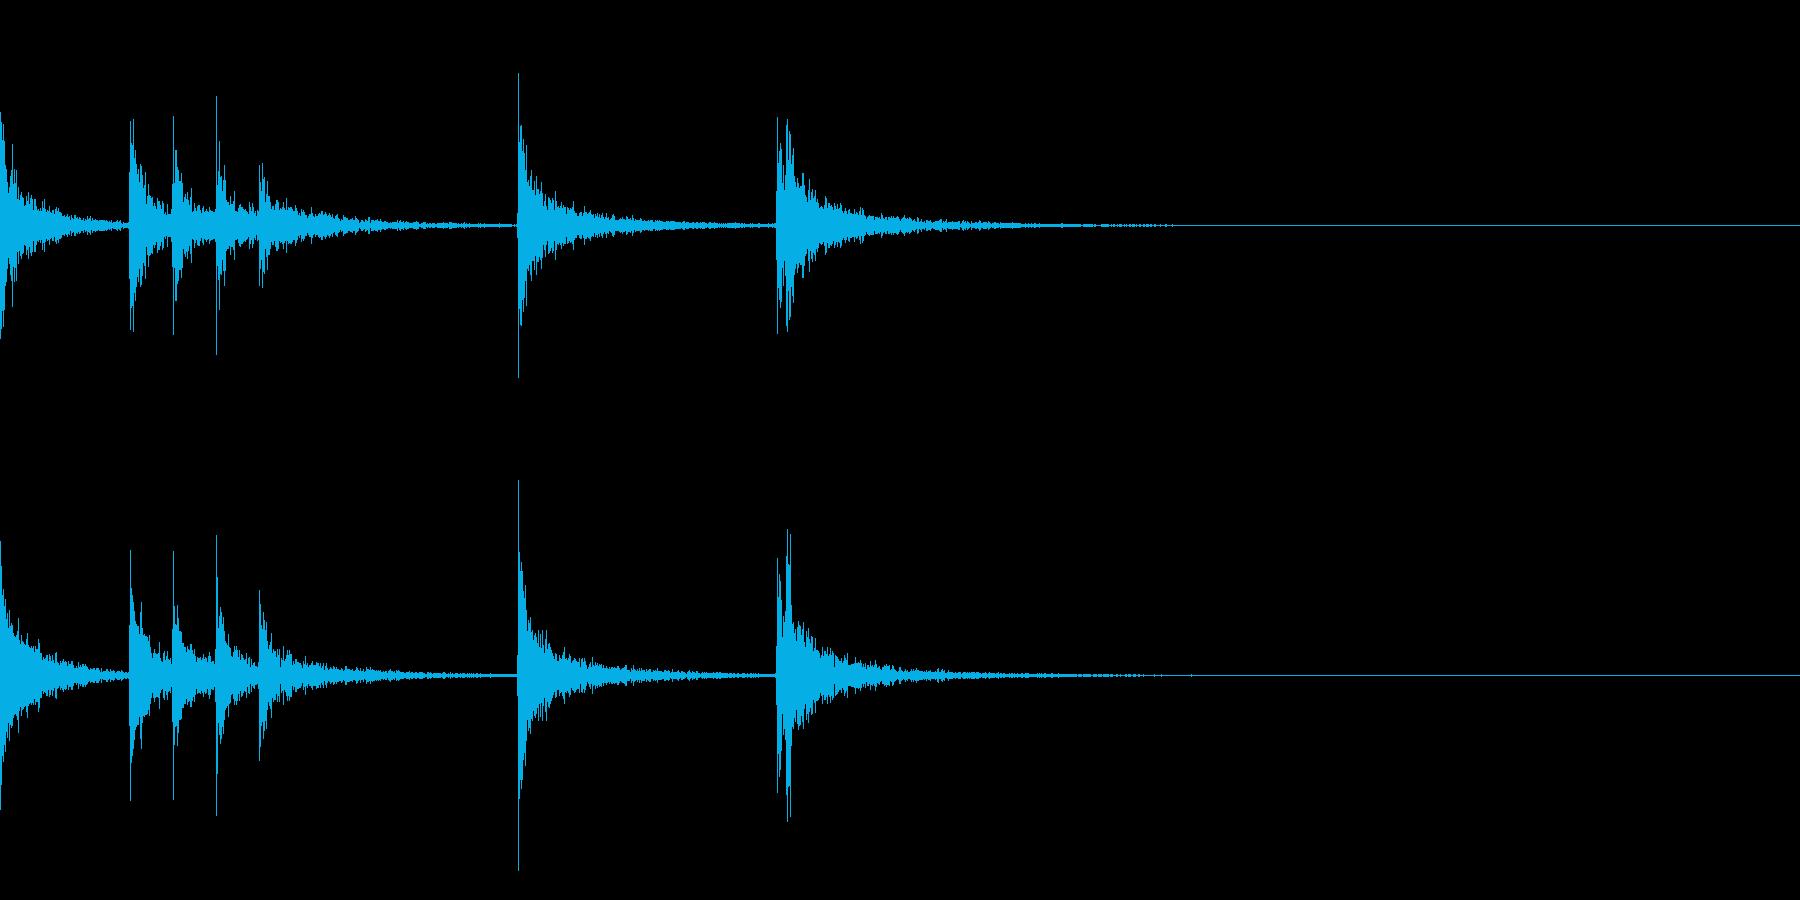 カスタネット!フラメンコフレーズ4の再生済みの波形